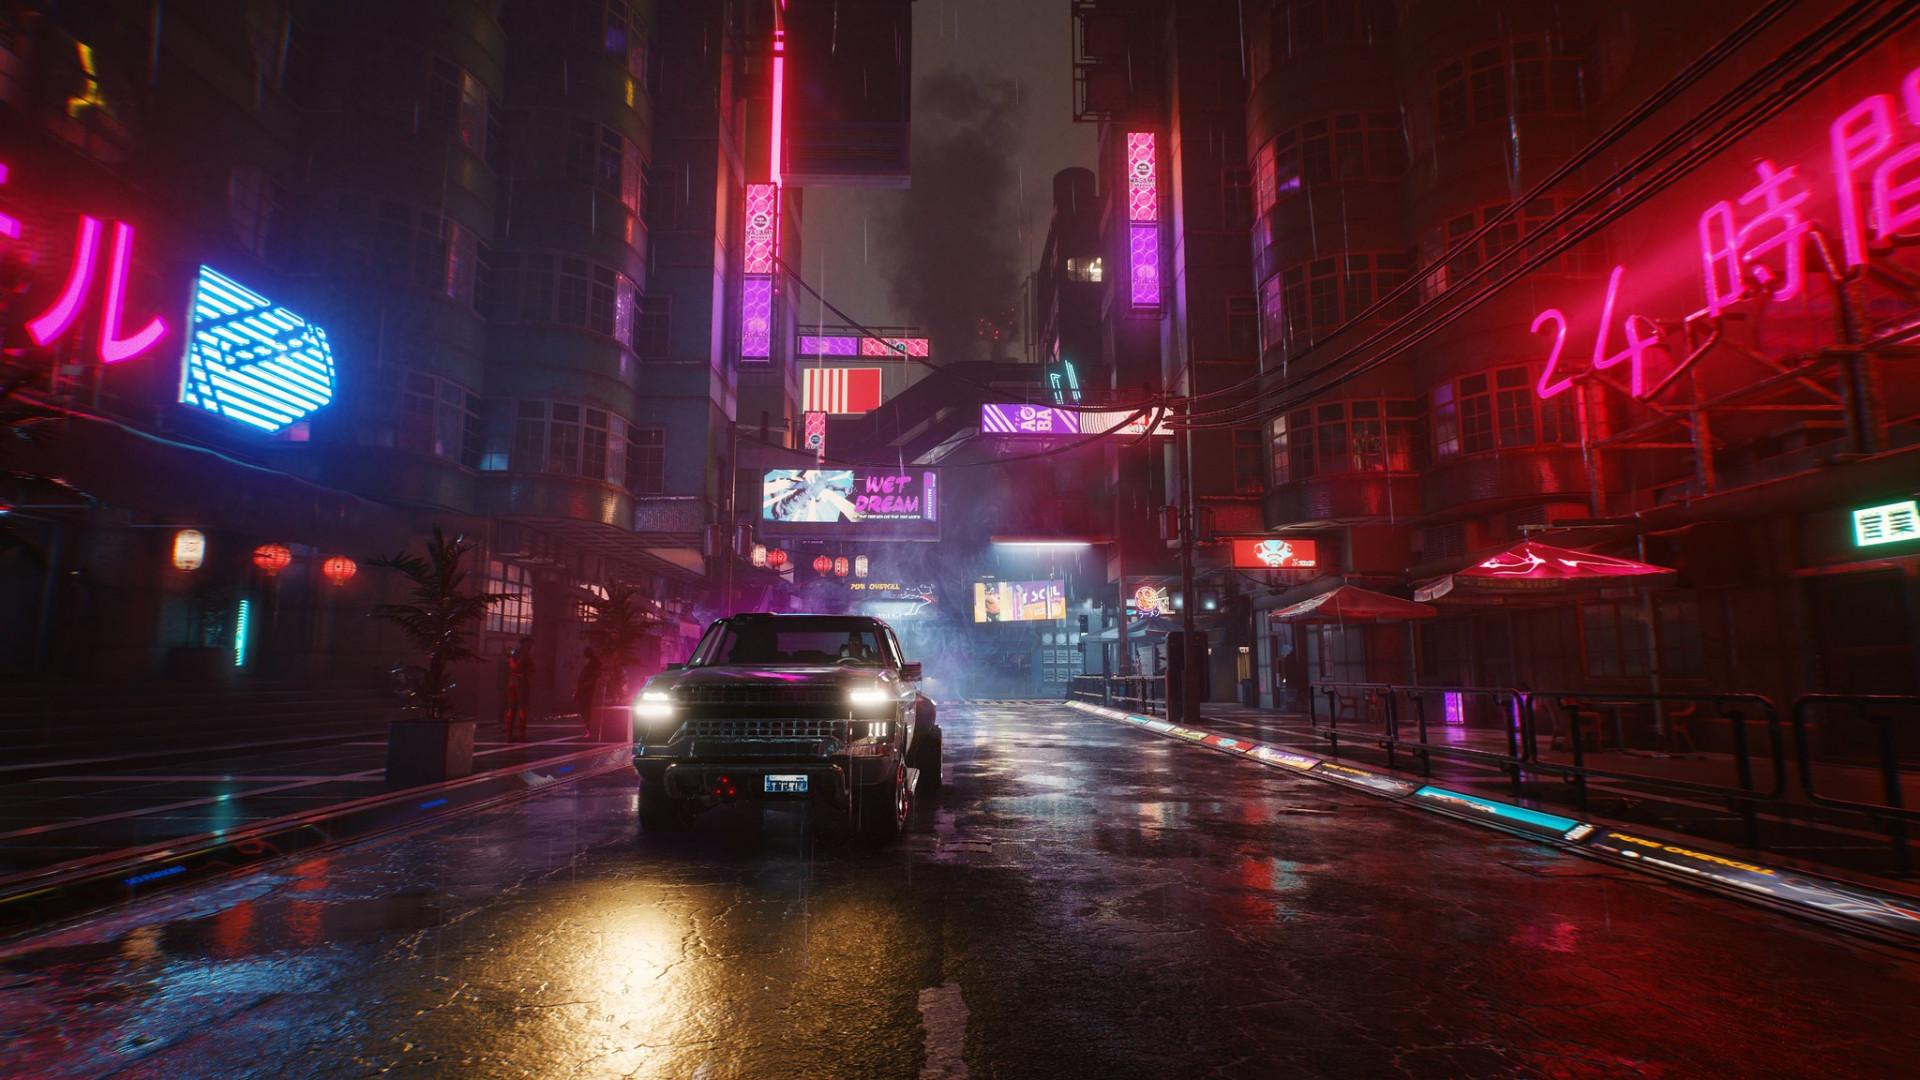 Новые трейлеры Cyberpunk 2077: геймплей, анонс аниме